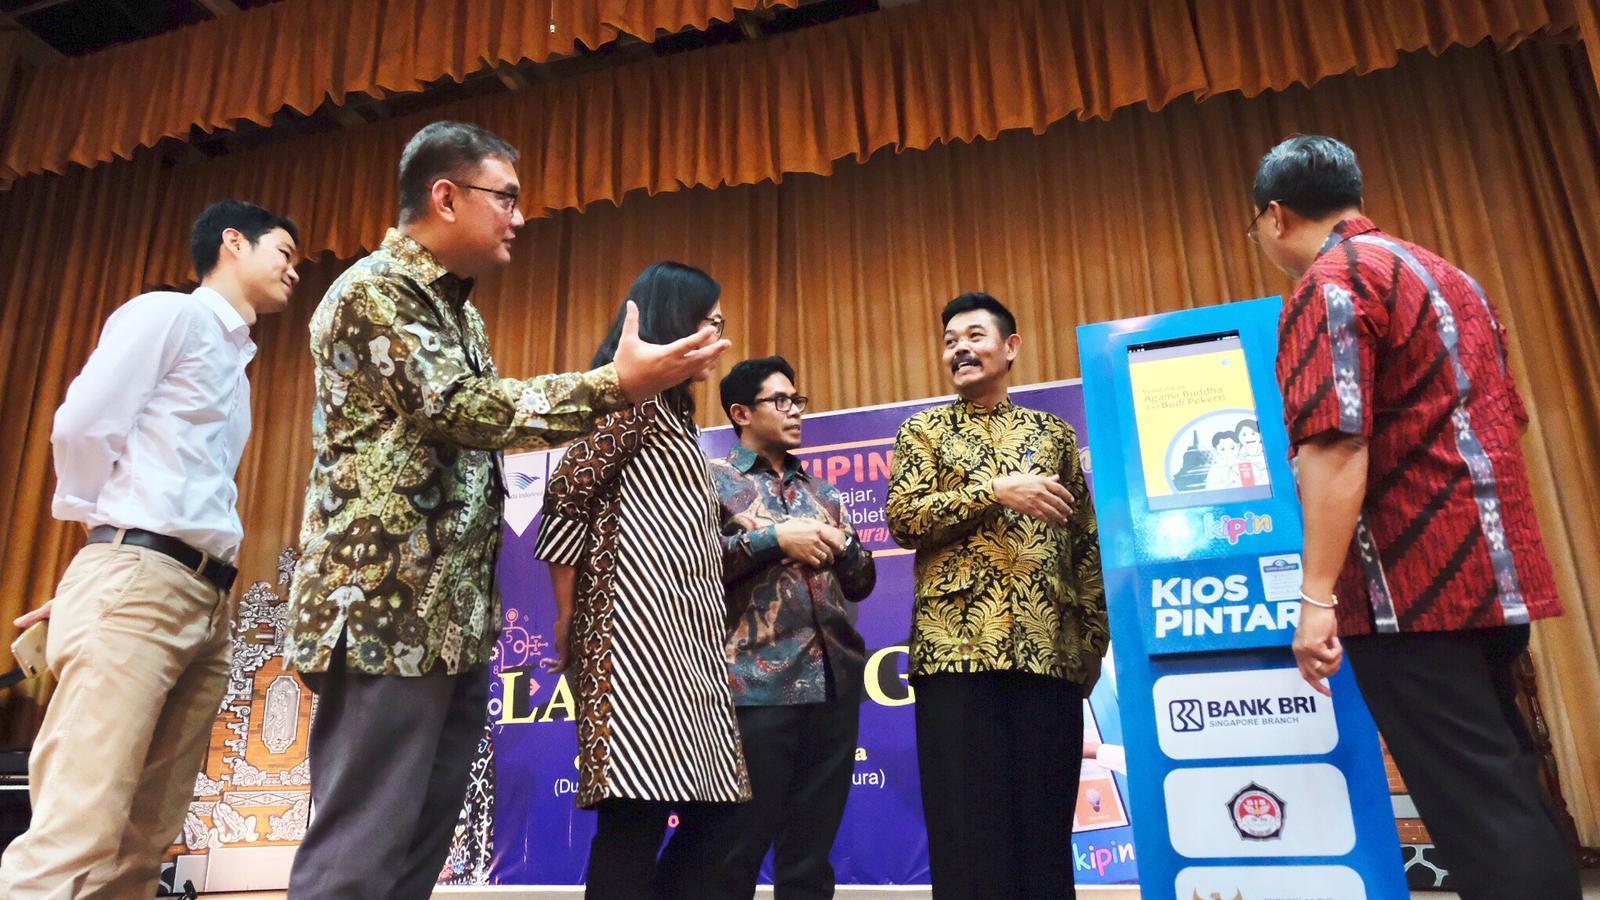 KBRI Singapura Dukung Digitalisasi Pendidikan dengan Meresmikan Pemanfaatan Teknologi Edukasi KIPIN ATM di Sekolah Indonesia Singapura